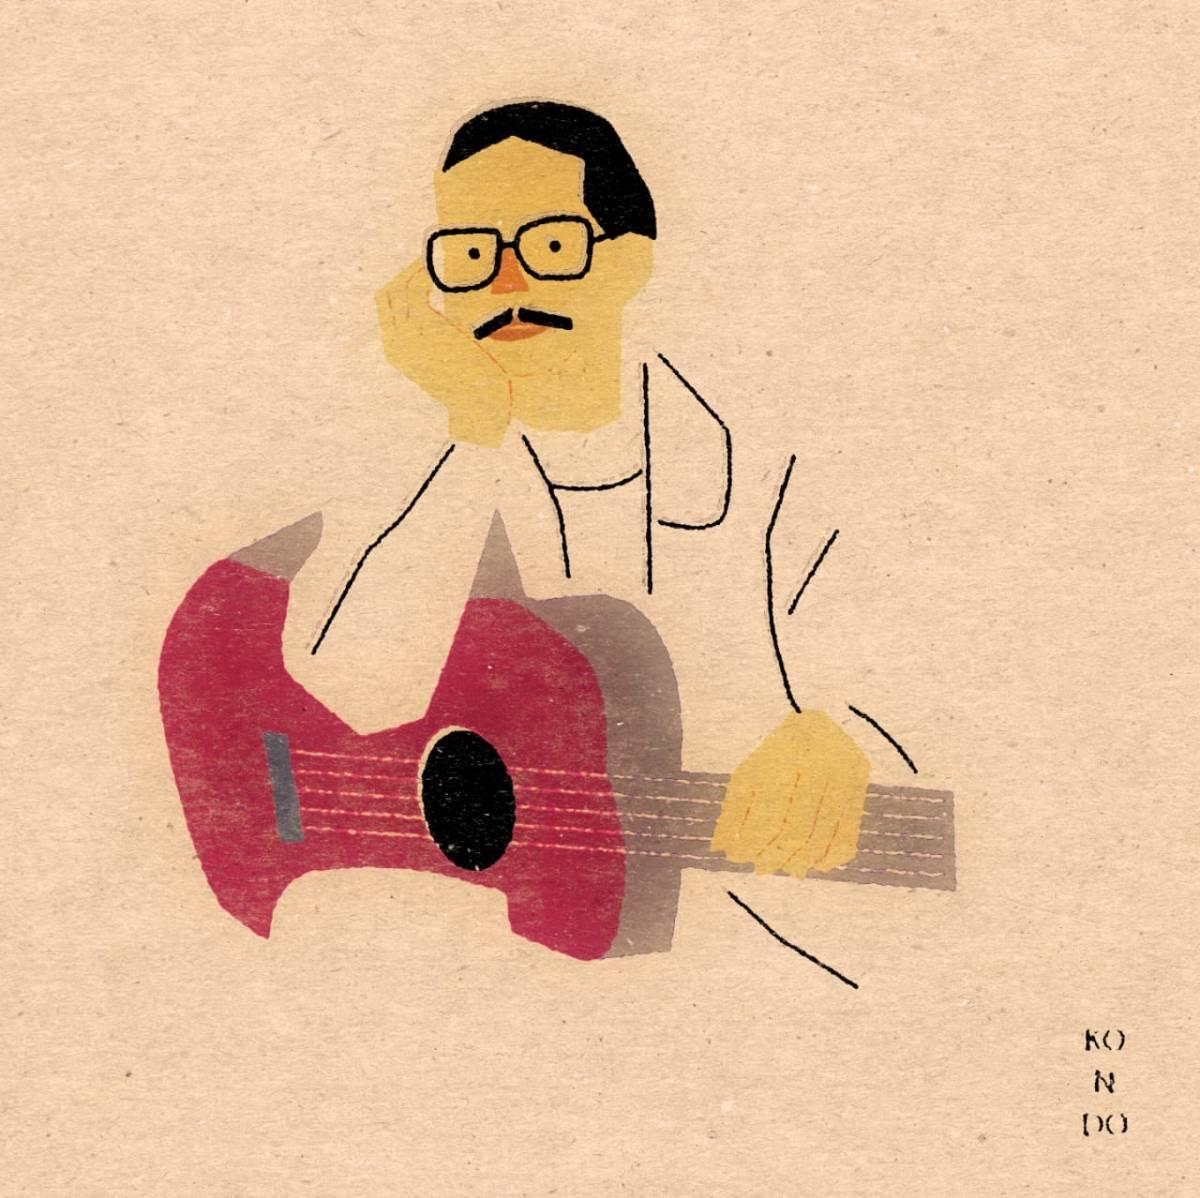 duoJazz | Mestre zen do violão